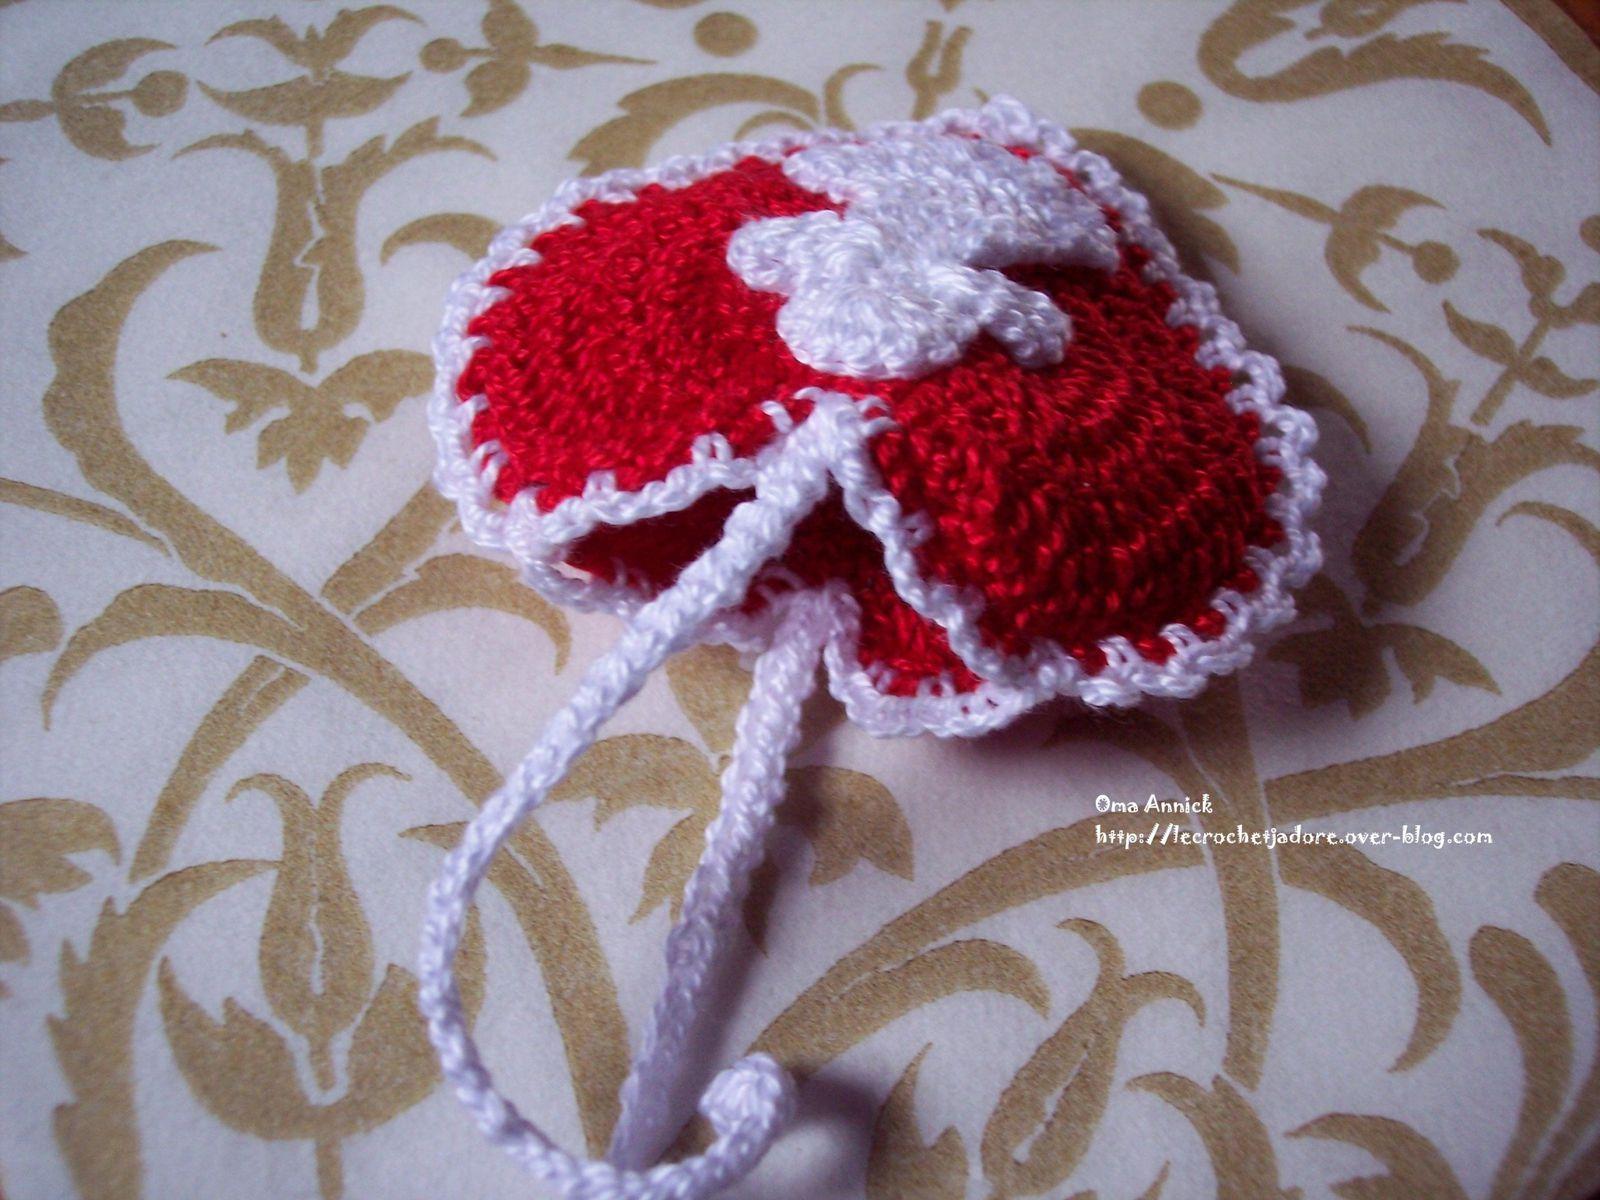 #BC0829 Décos De Noël Au Crochet Avec Explications ! Le Blog De  5643 idée déco noel au crochet 1600x1200 px @ aertt.com